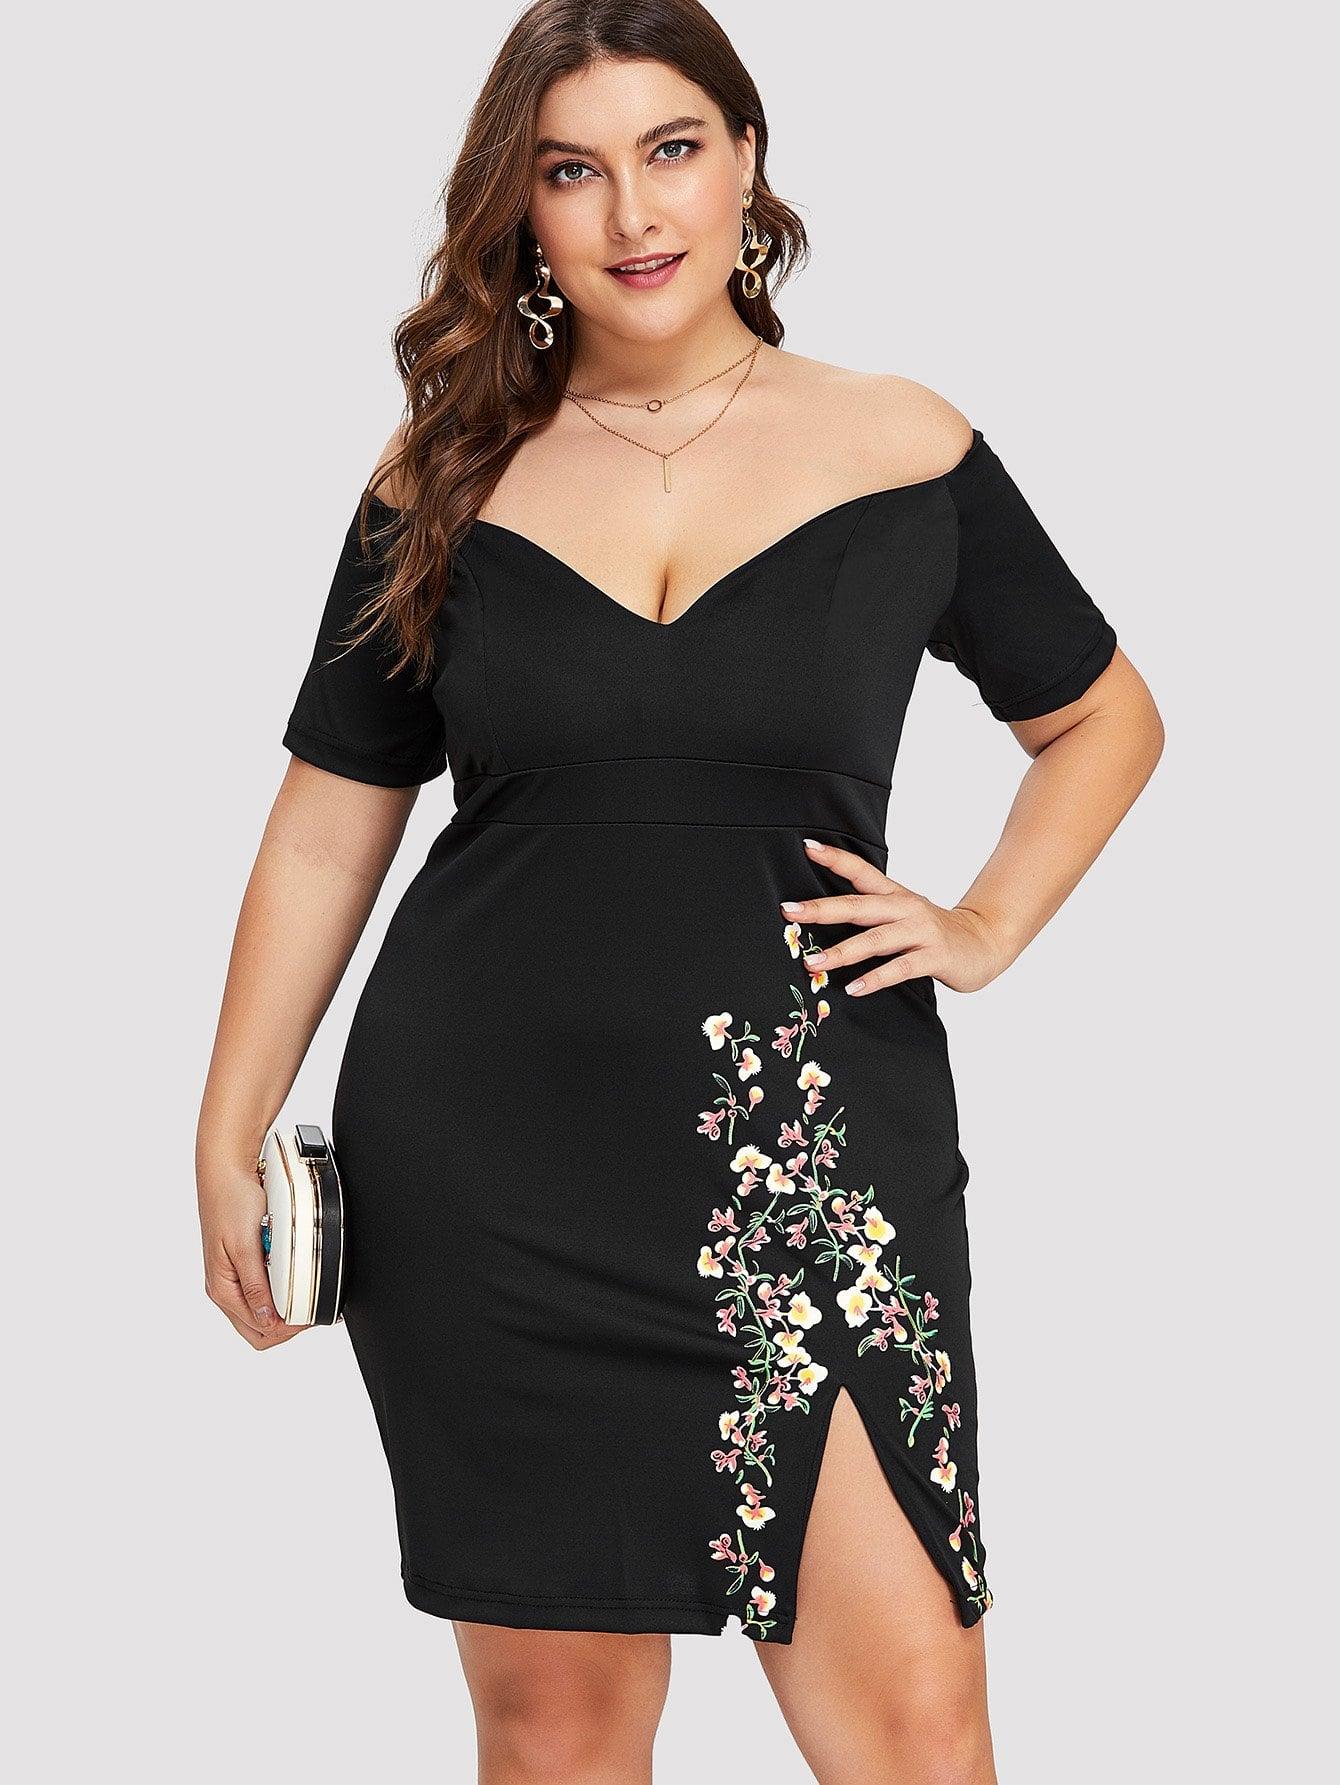 Off Shoulder Floral Print Split Hem Dress sweet off the shoulder floral dress for women